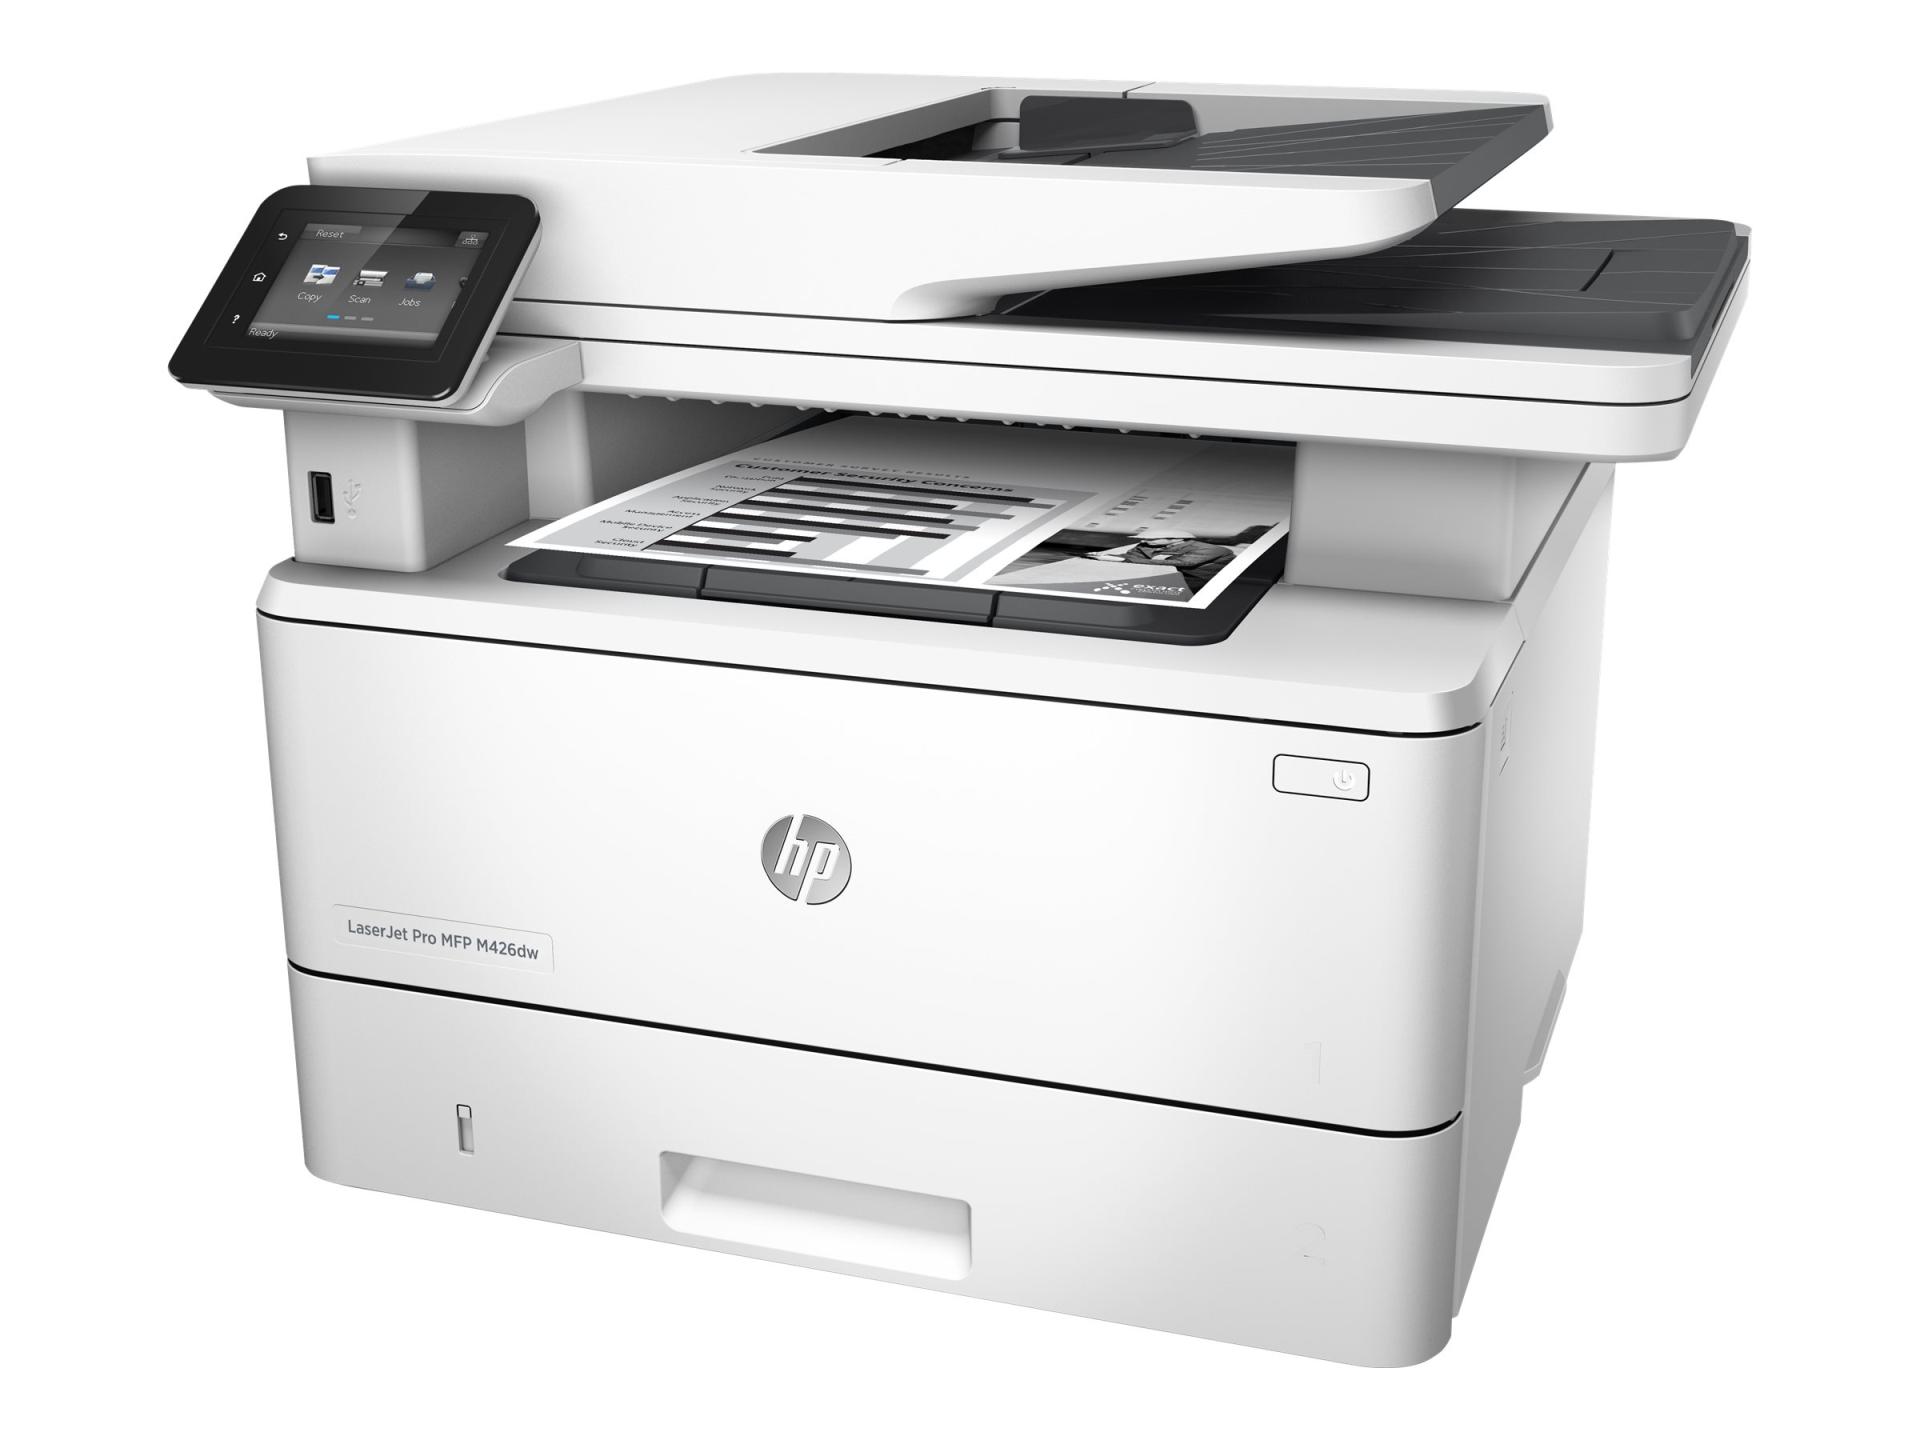 HP LaserJet Pro MFP M426dw printeris